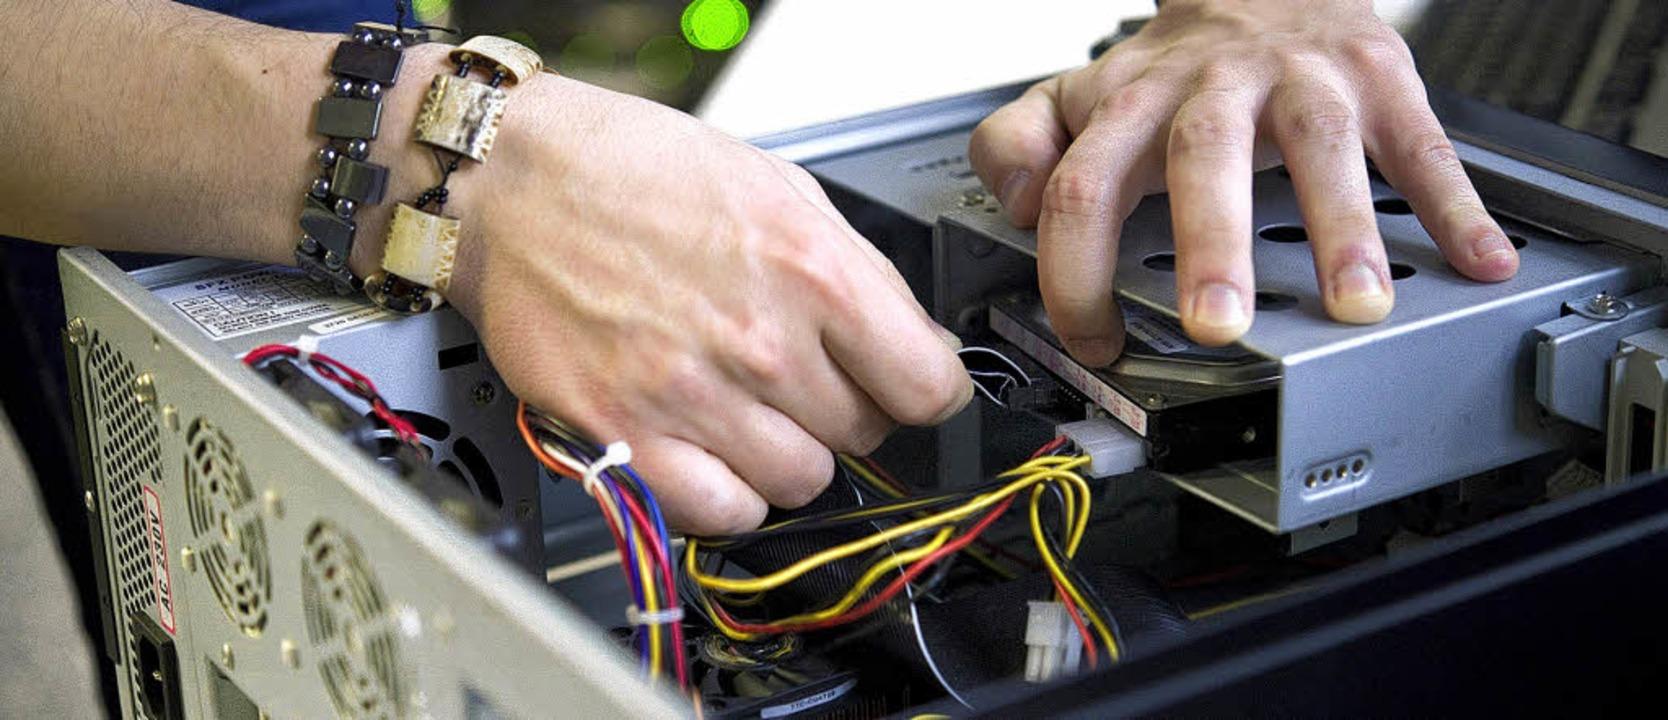 IT-Jobs: krisensicher und gut bezahlt - Computer & Men ... on